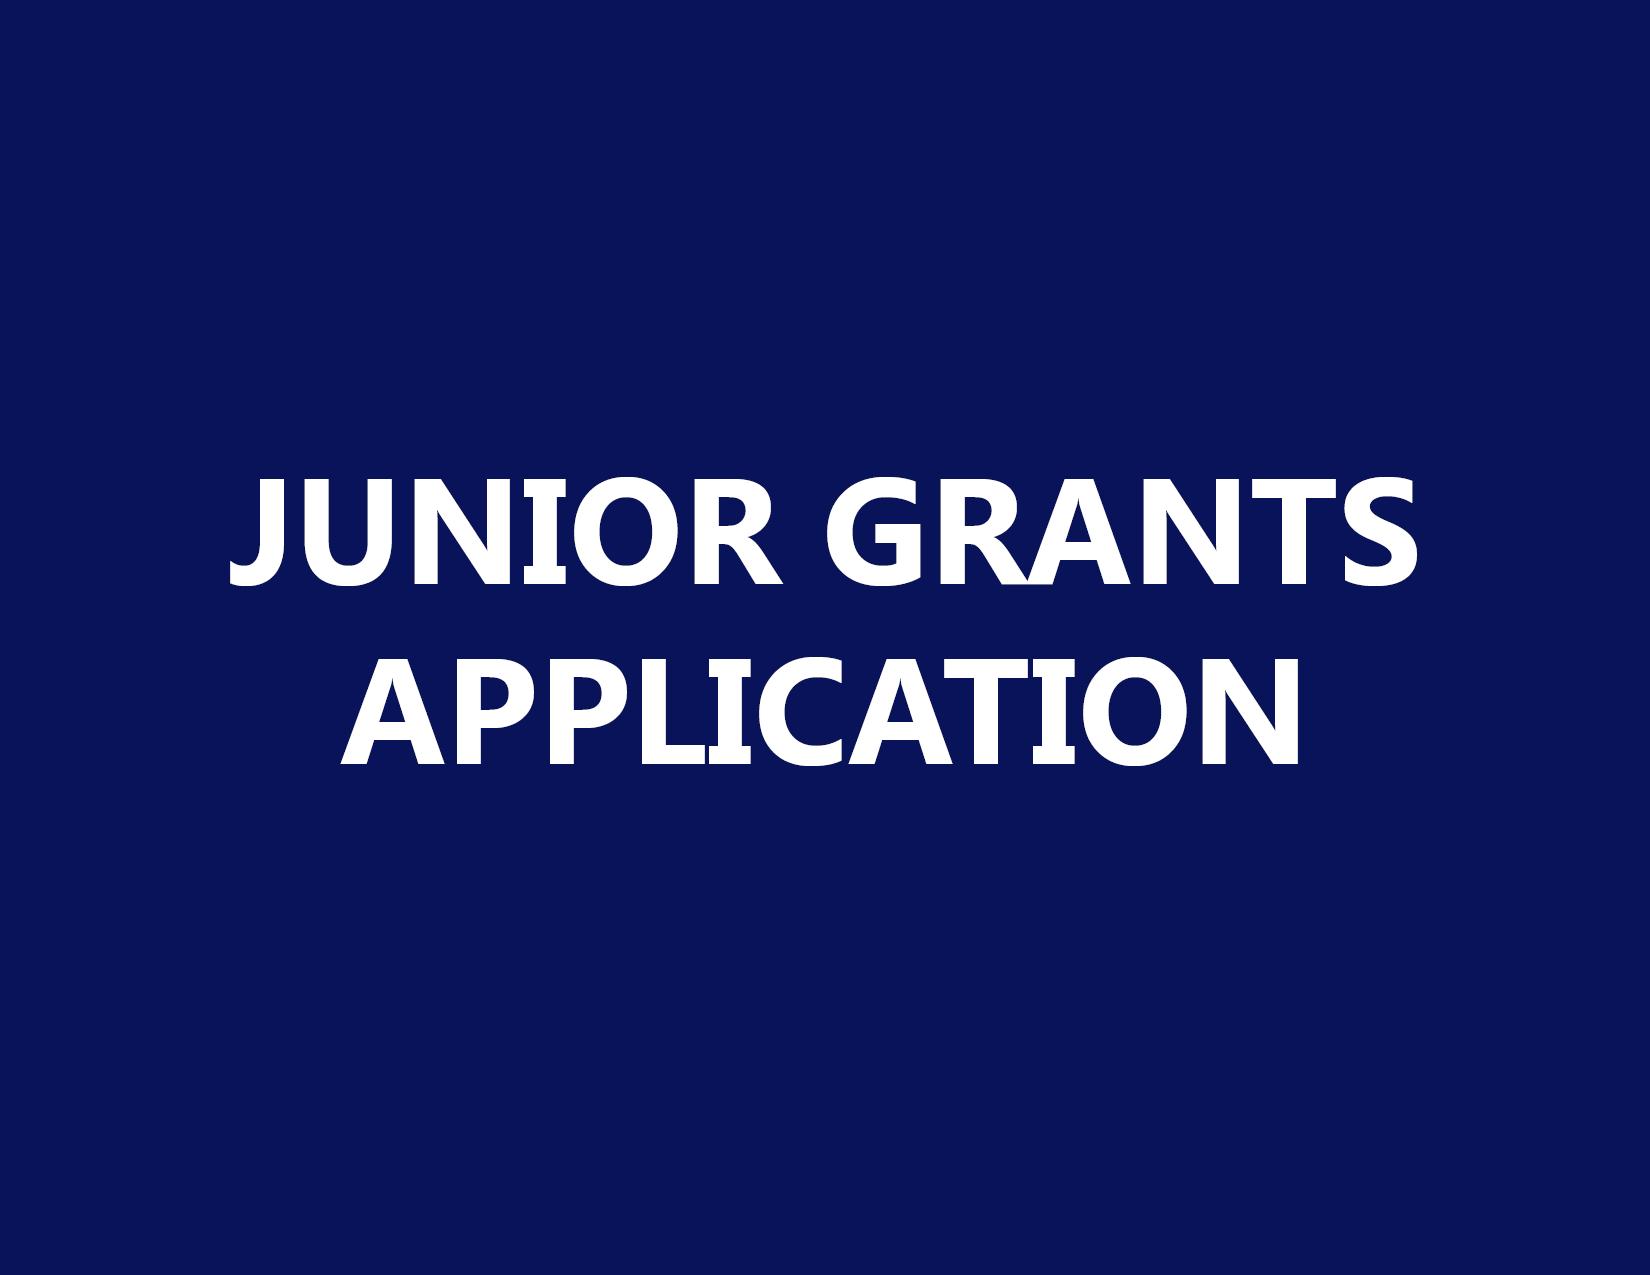 Junior Grants Application.png